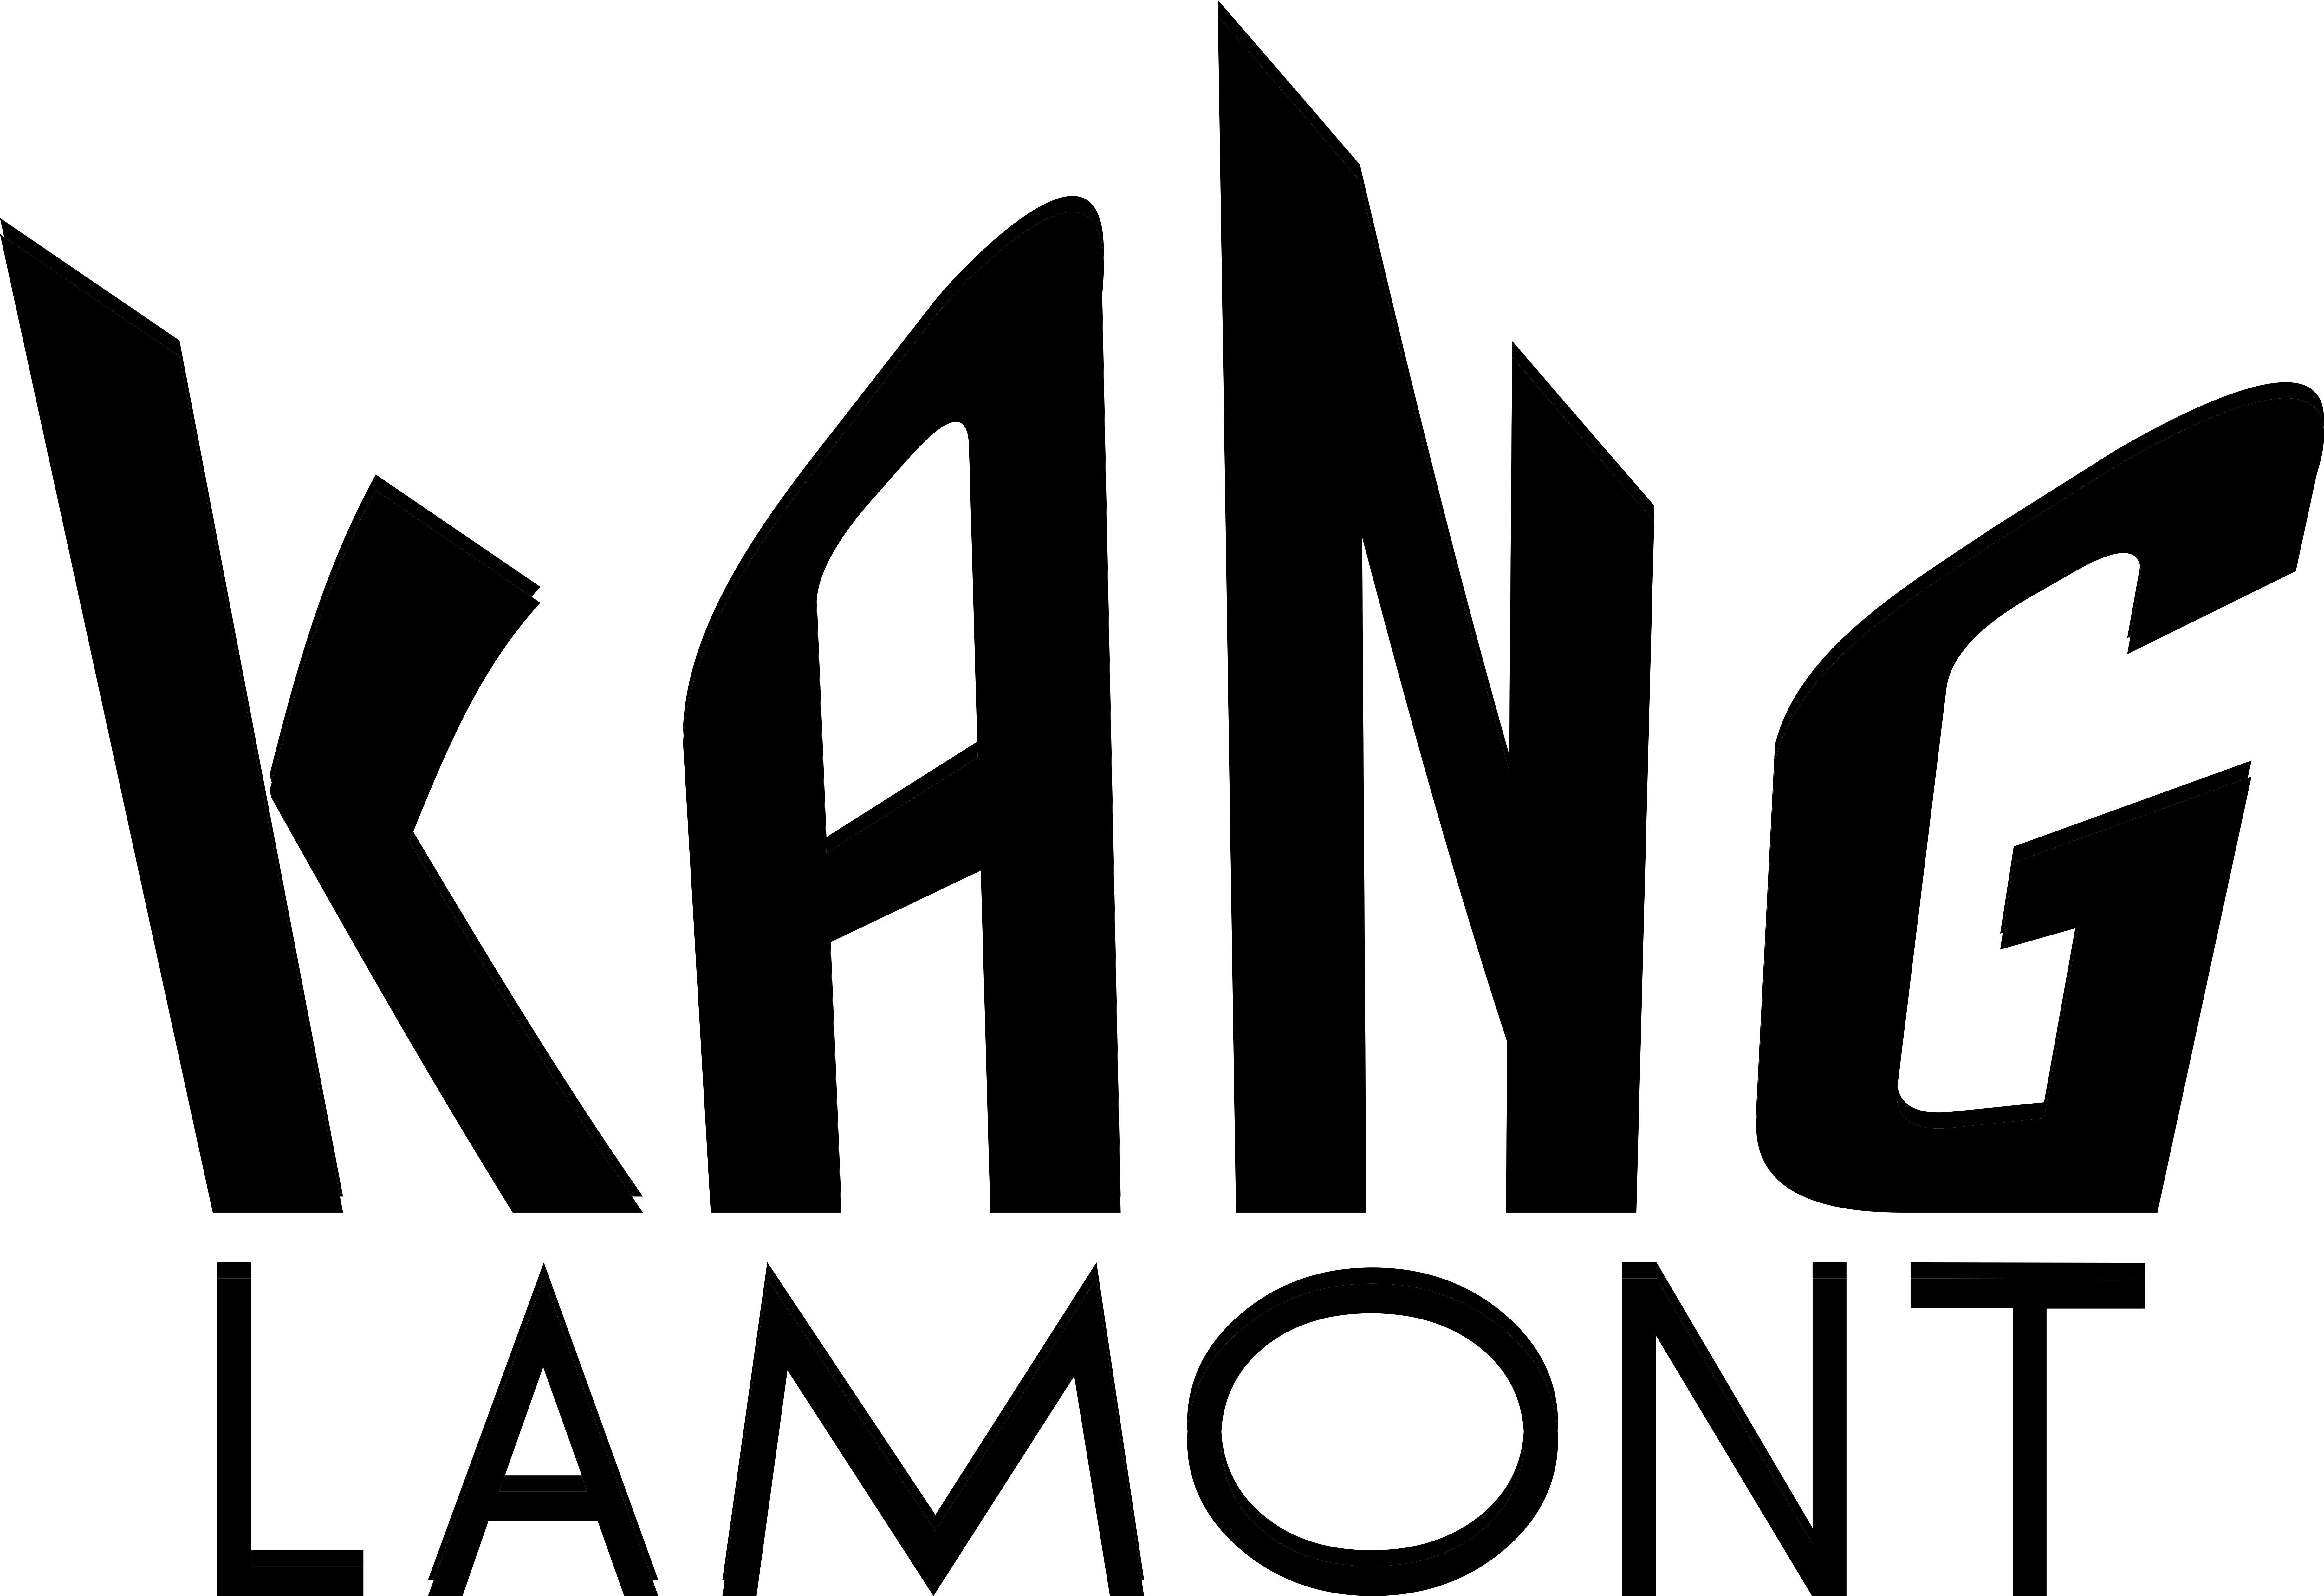 kang lamont